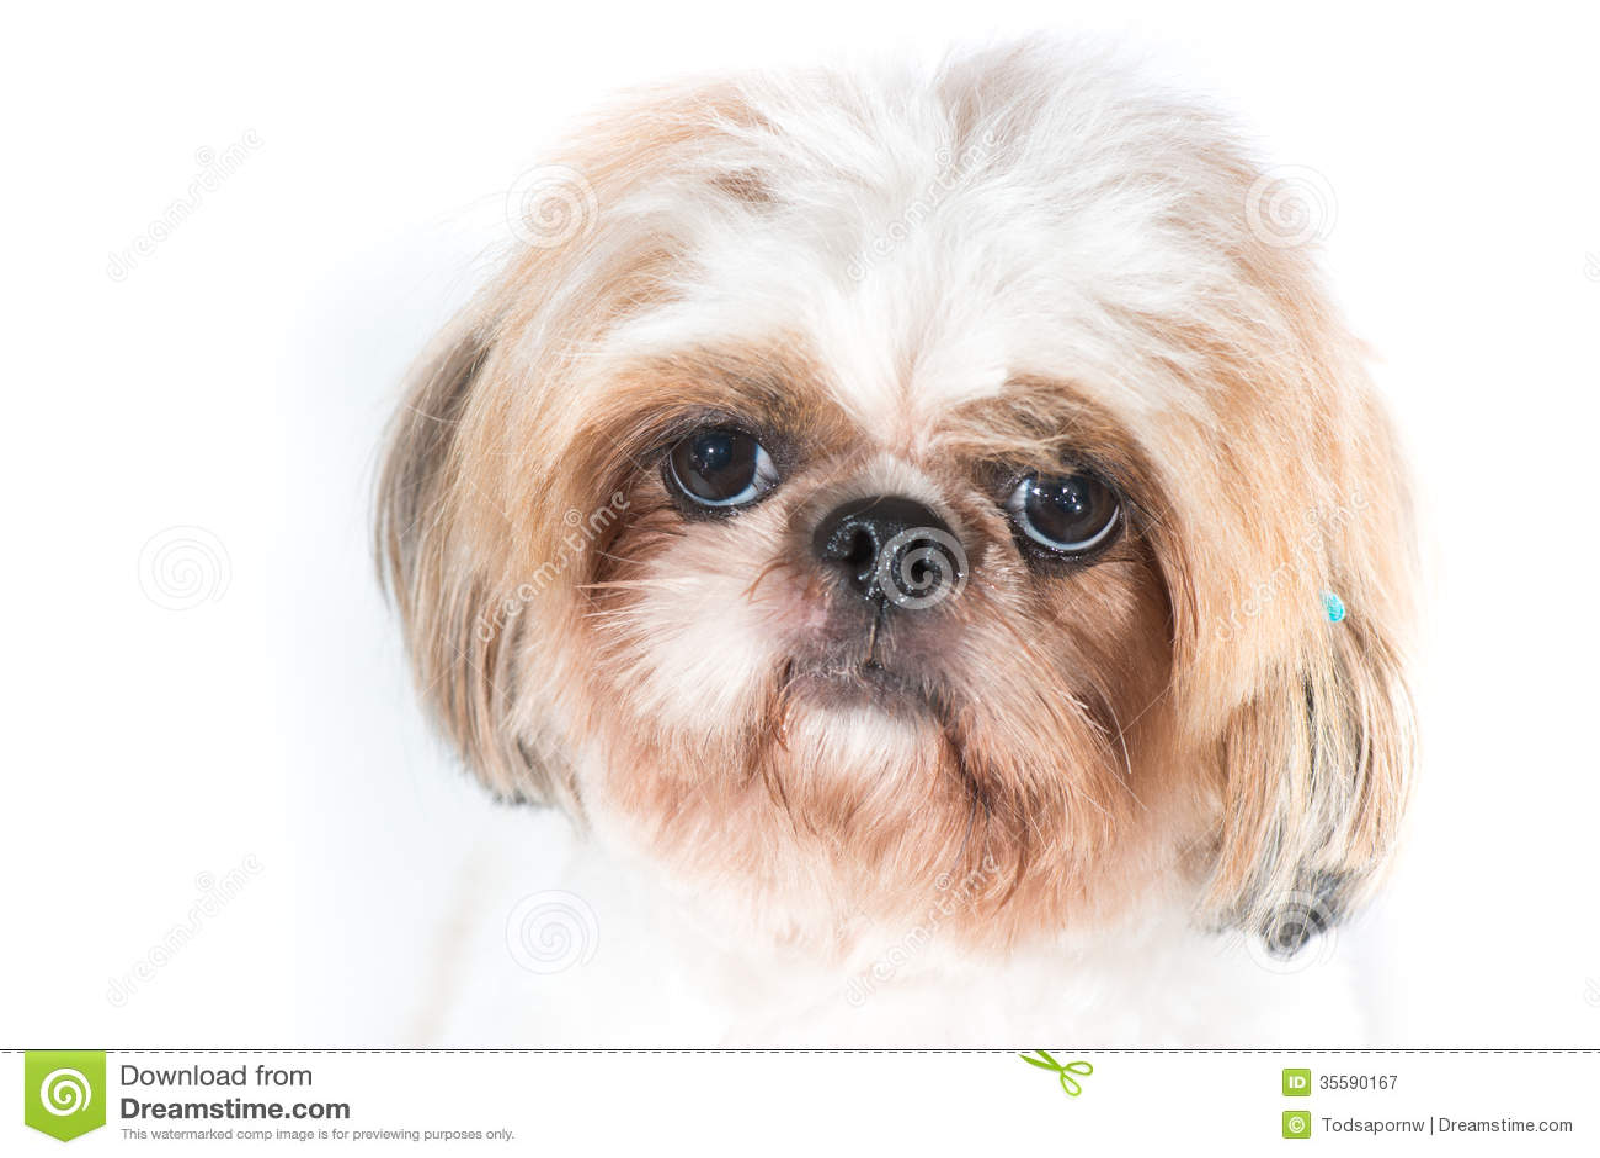 Shih tzu dog on a white background